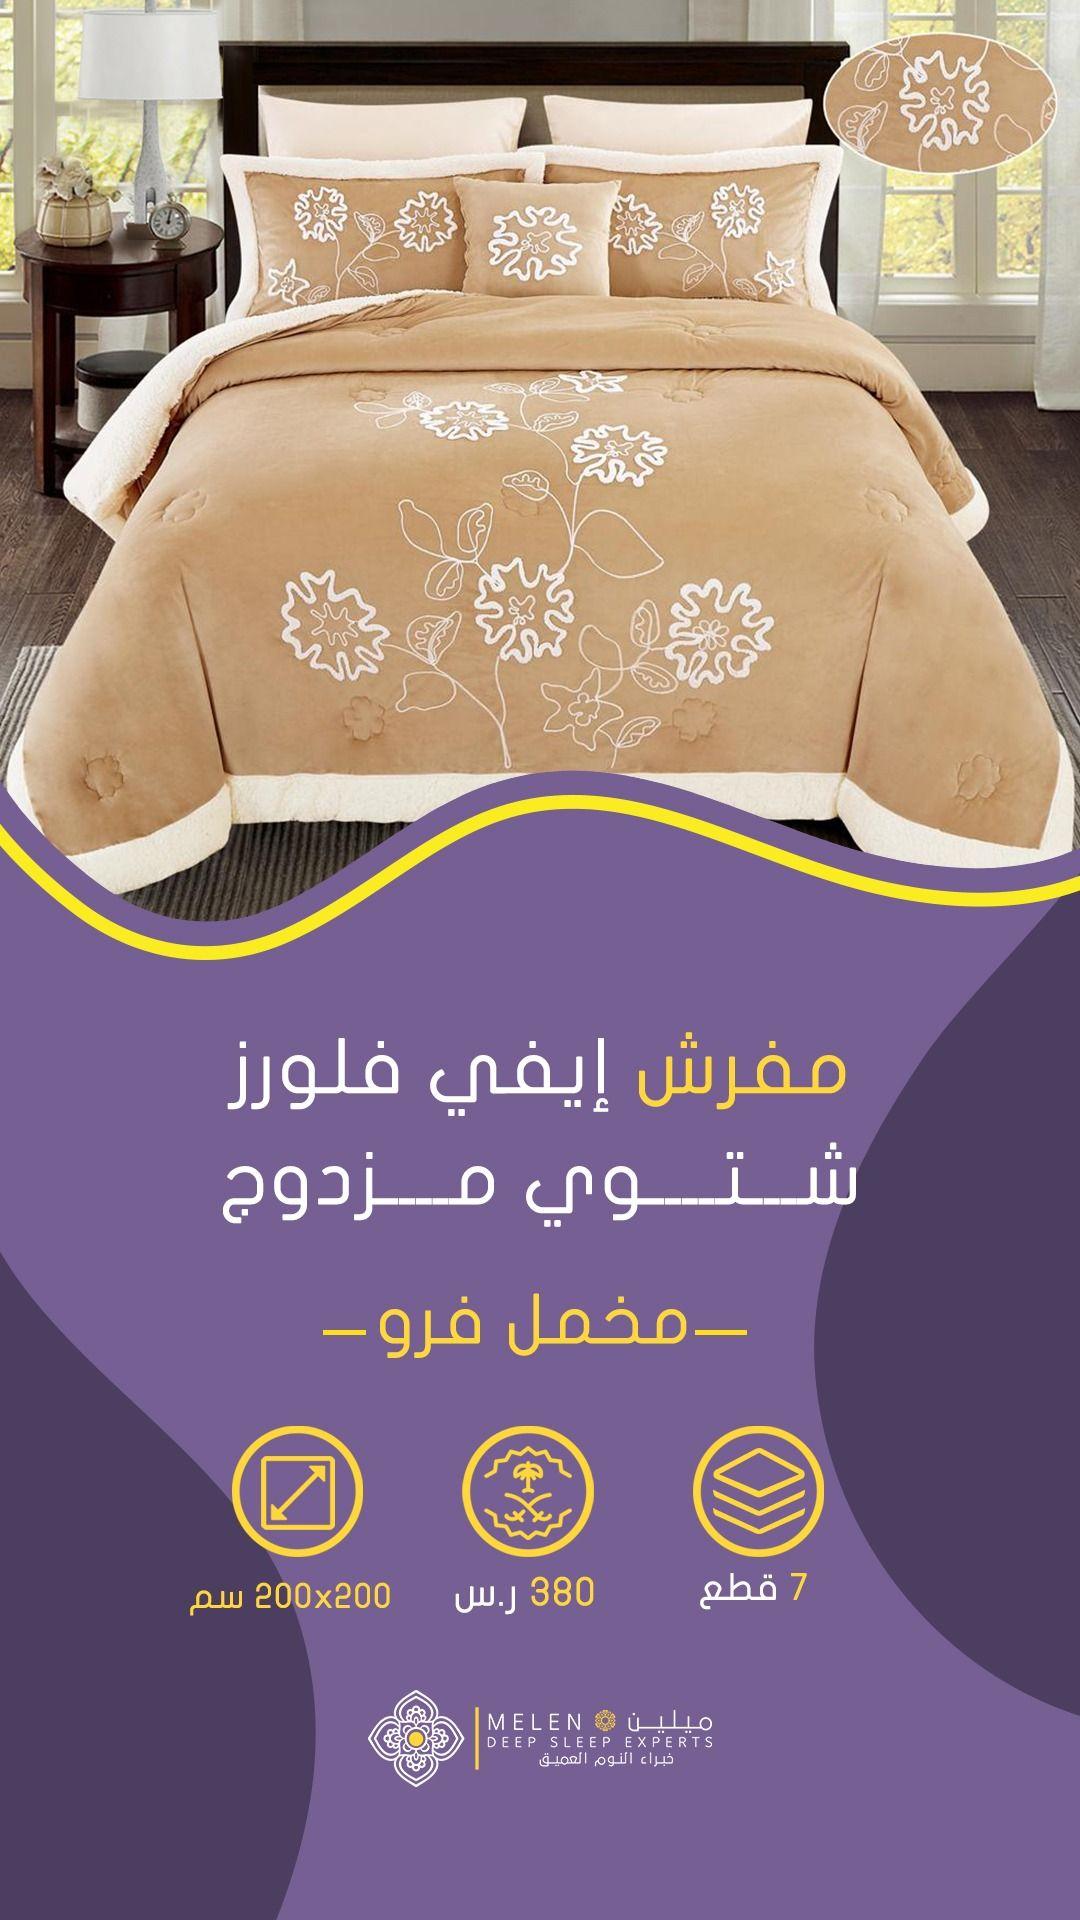 مفارش شتوي مزدوج مفارش ميلين Bed Home Decor Blanket